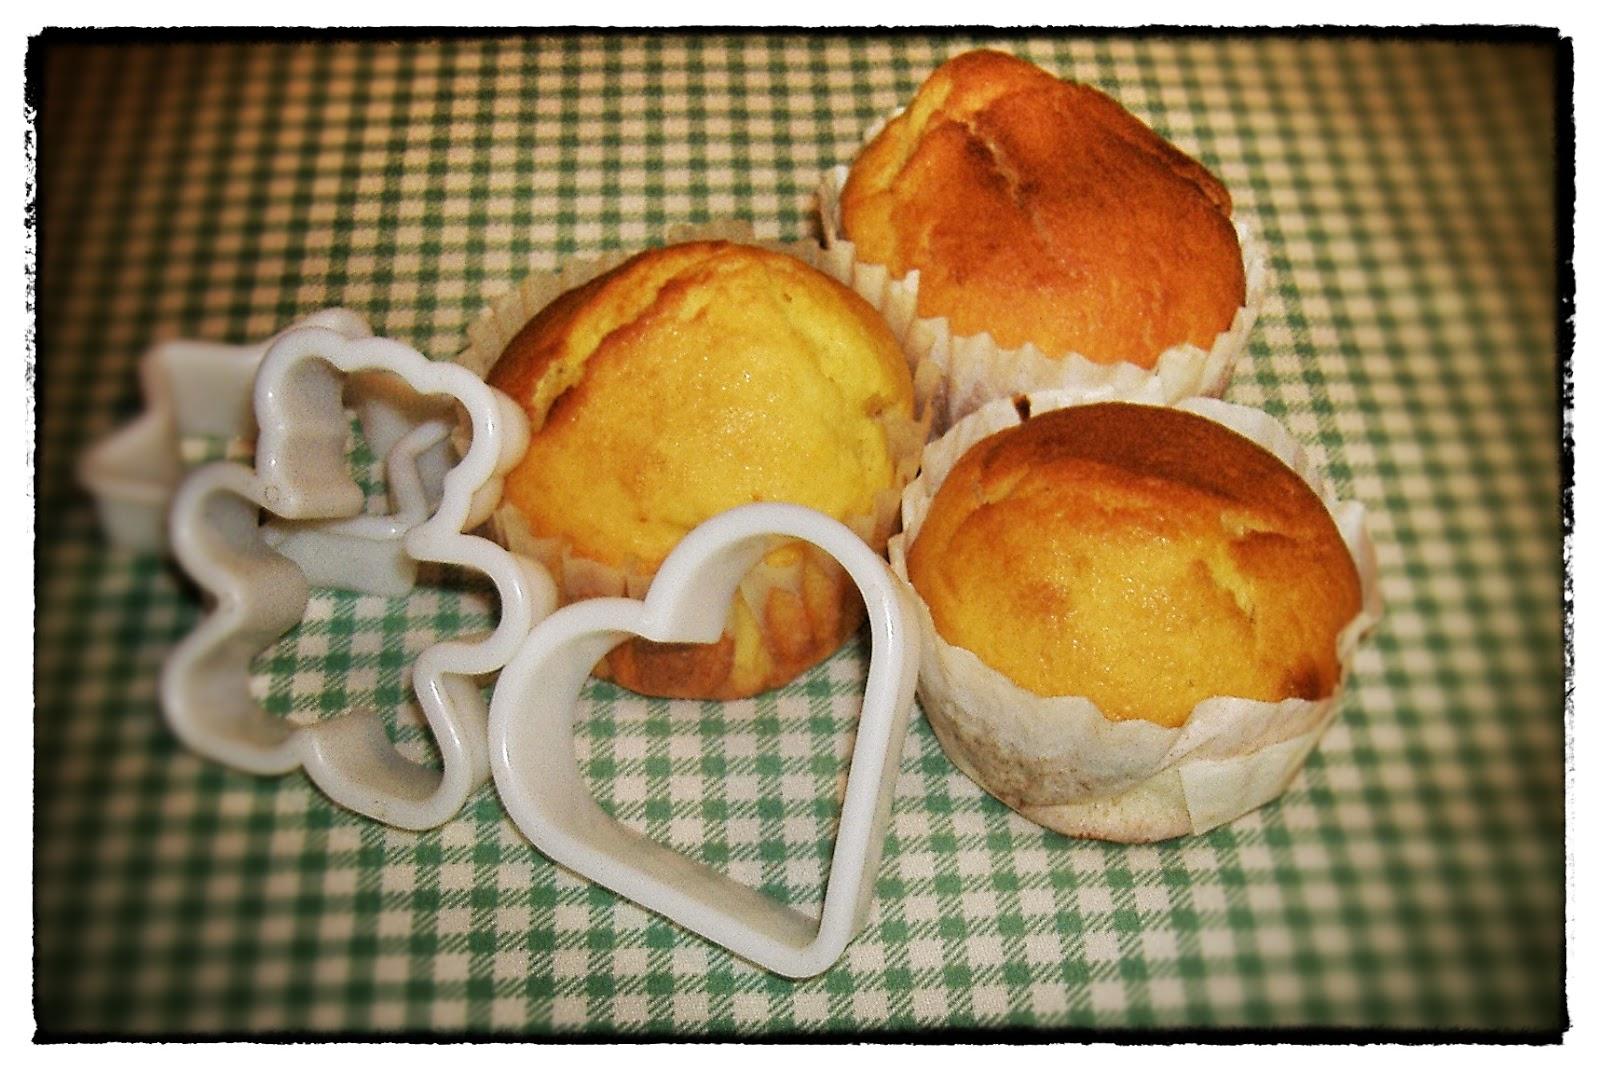 Tra pentole e coperchi appunti di cucina muffin - Porta coperchi pentole ...